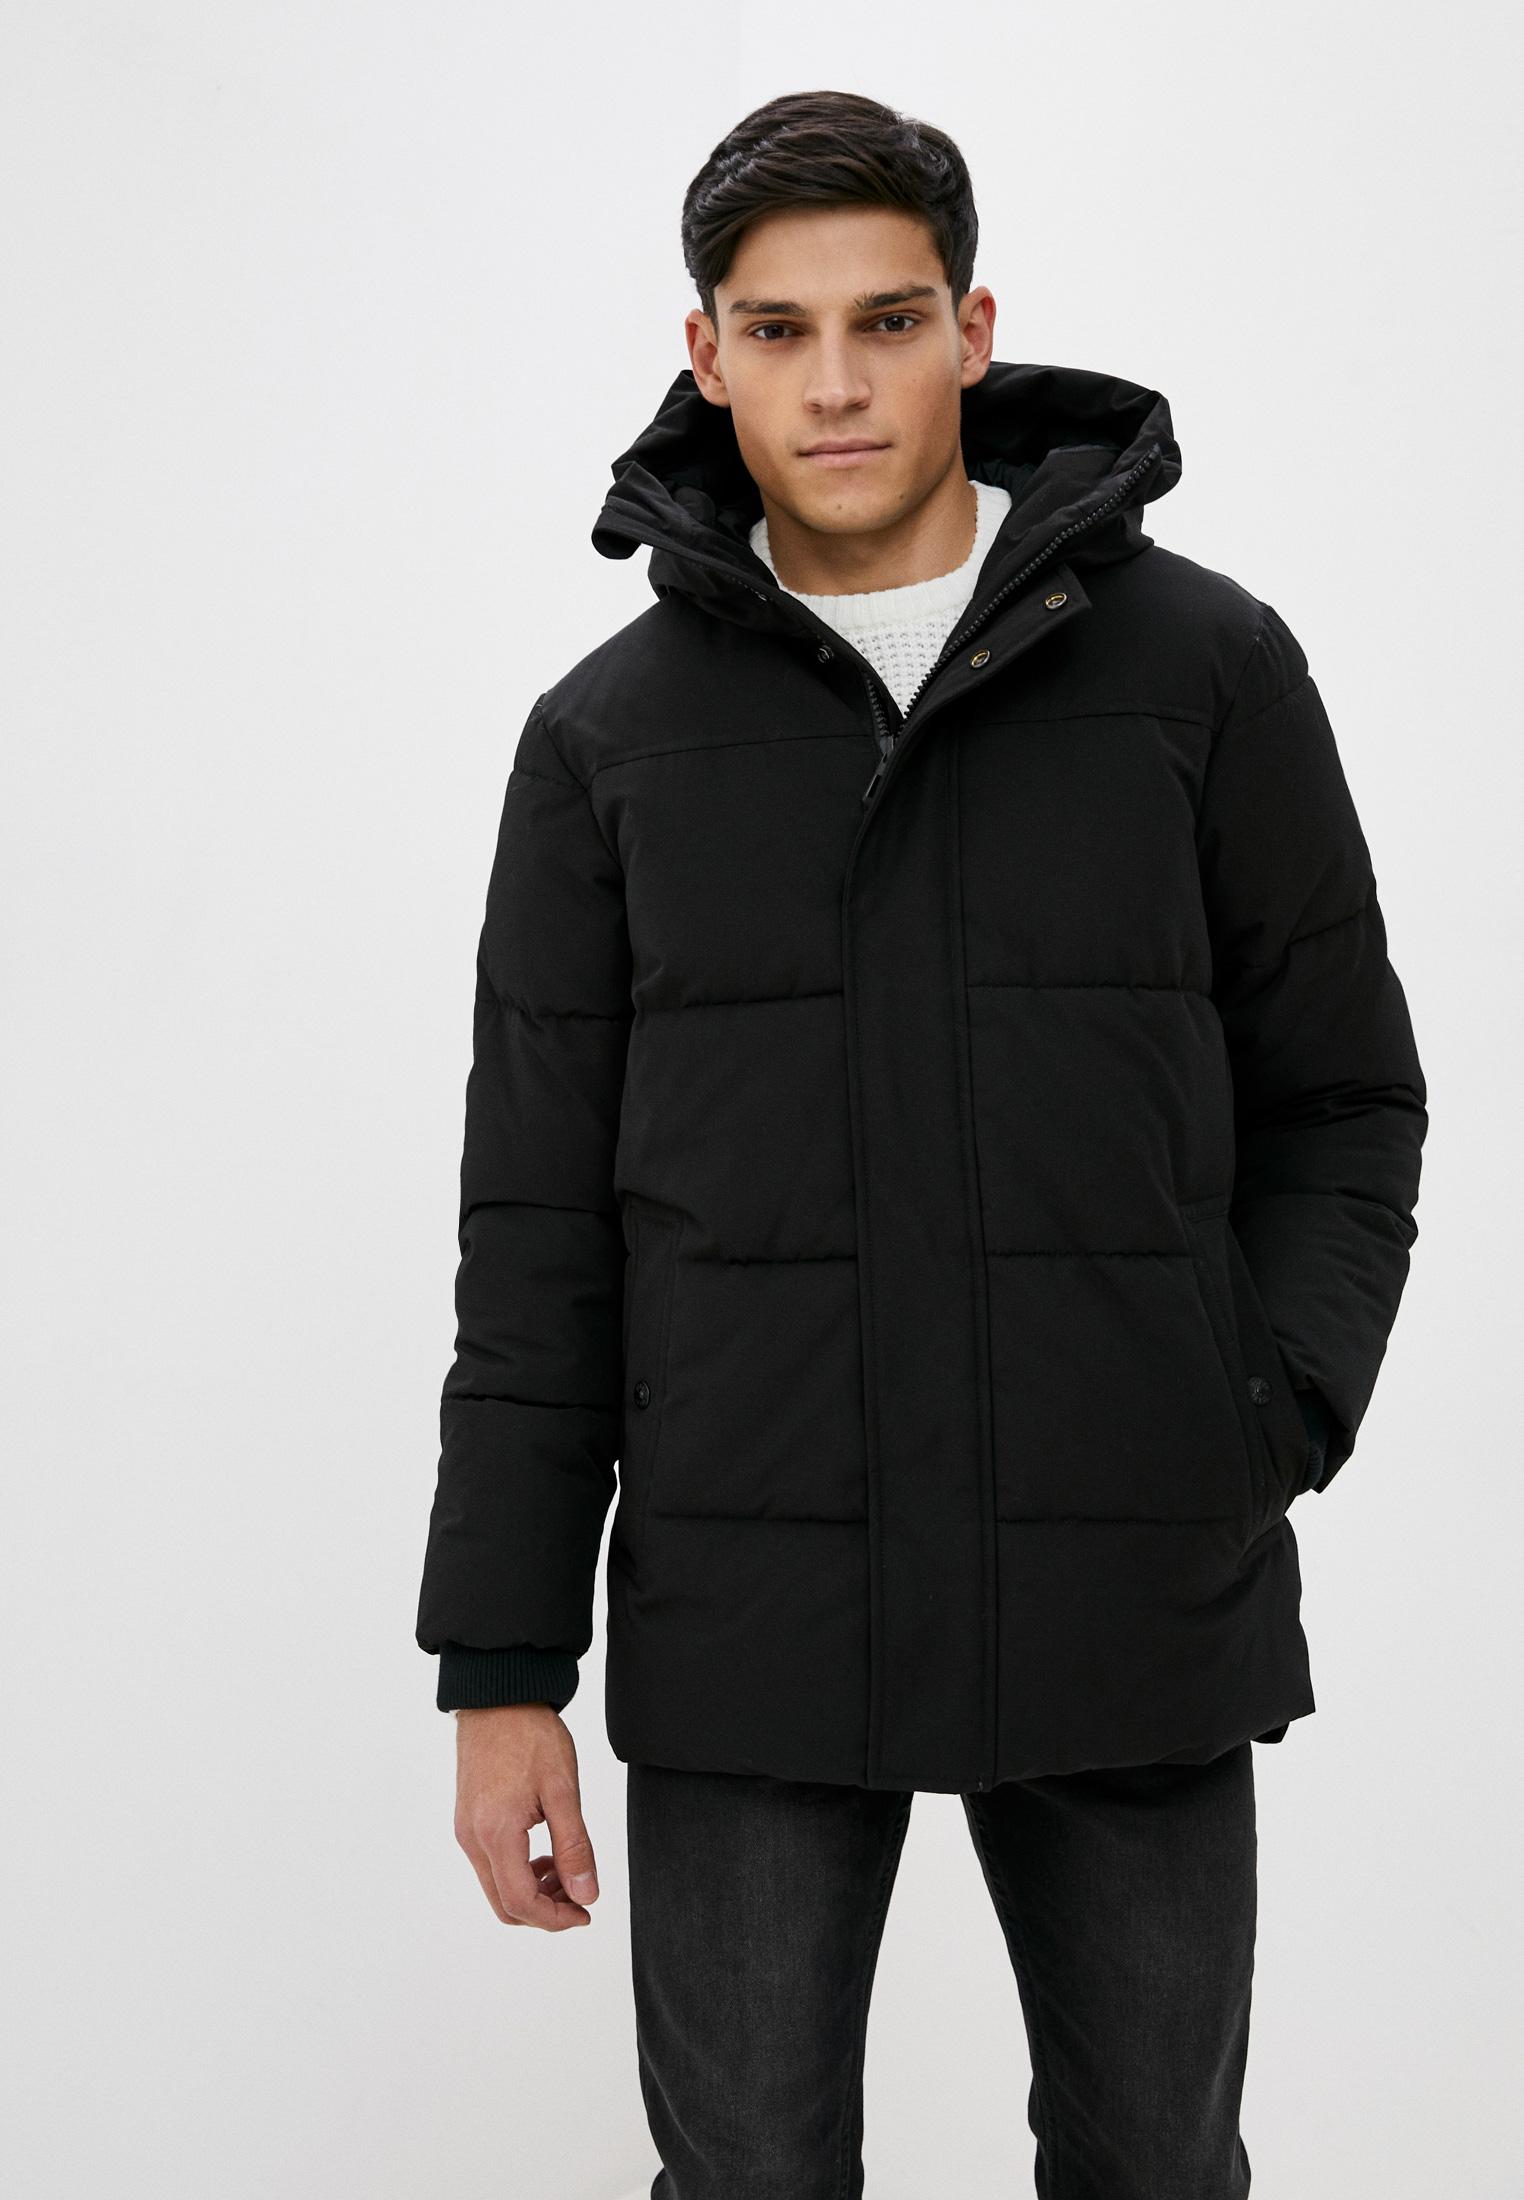 Утепленная куртка Marks & Spencer Куртка утепленная Marks & Spencer